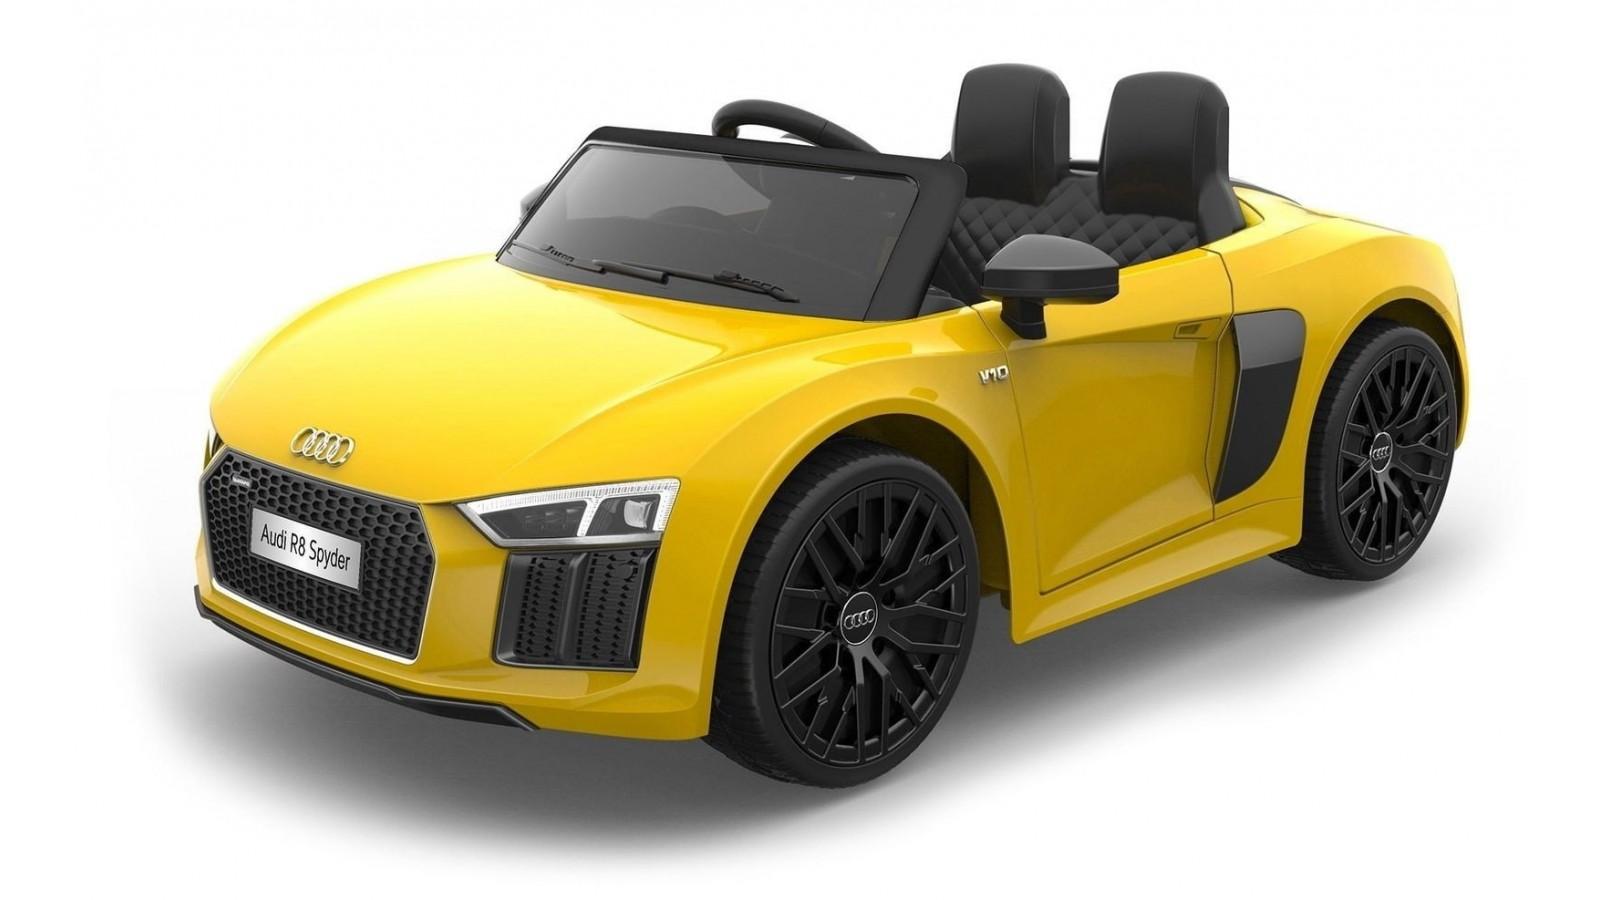 Auto Macchina Elettrica 12V R8 Spyder per Bambini Led MP3 con Telecomando Sedile in pelle Gialla